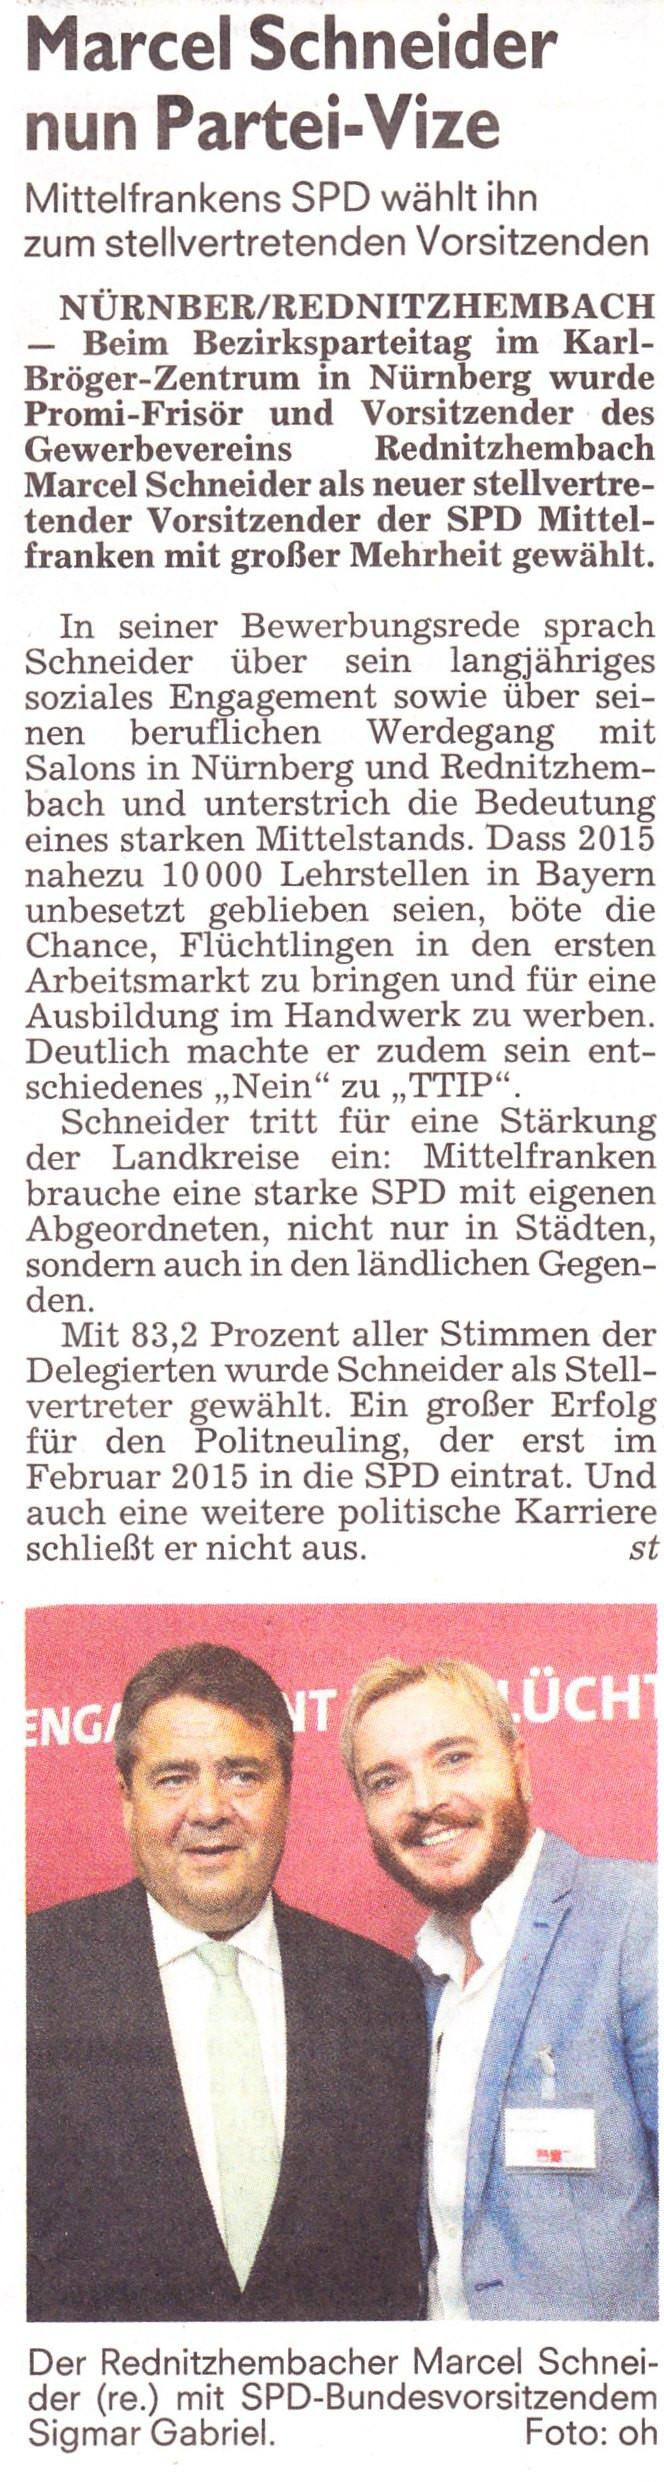 Nominierung Schneider für Mittelfranken